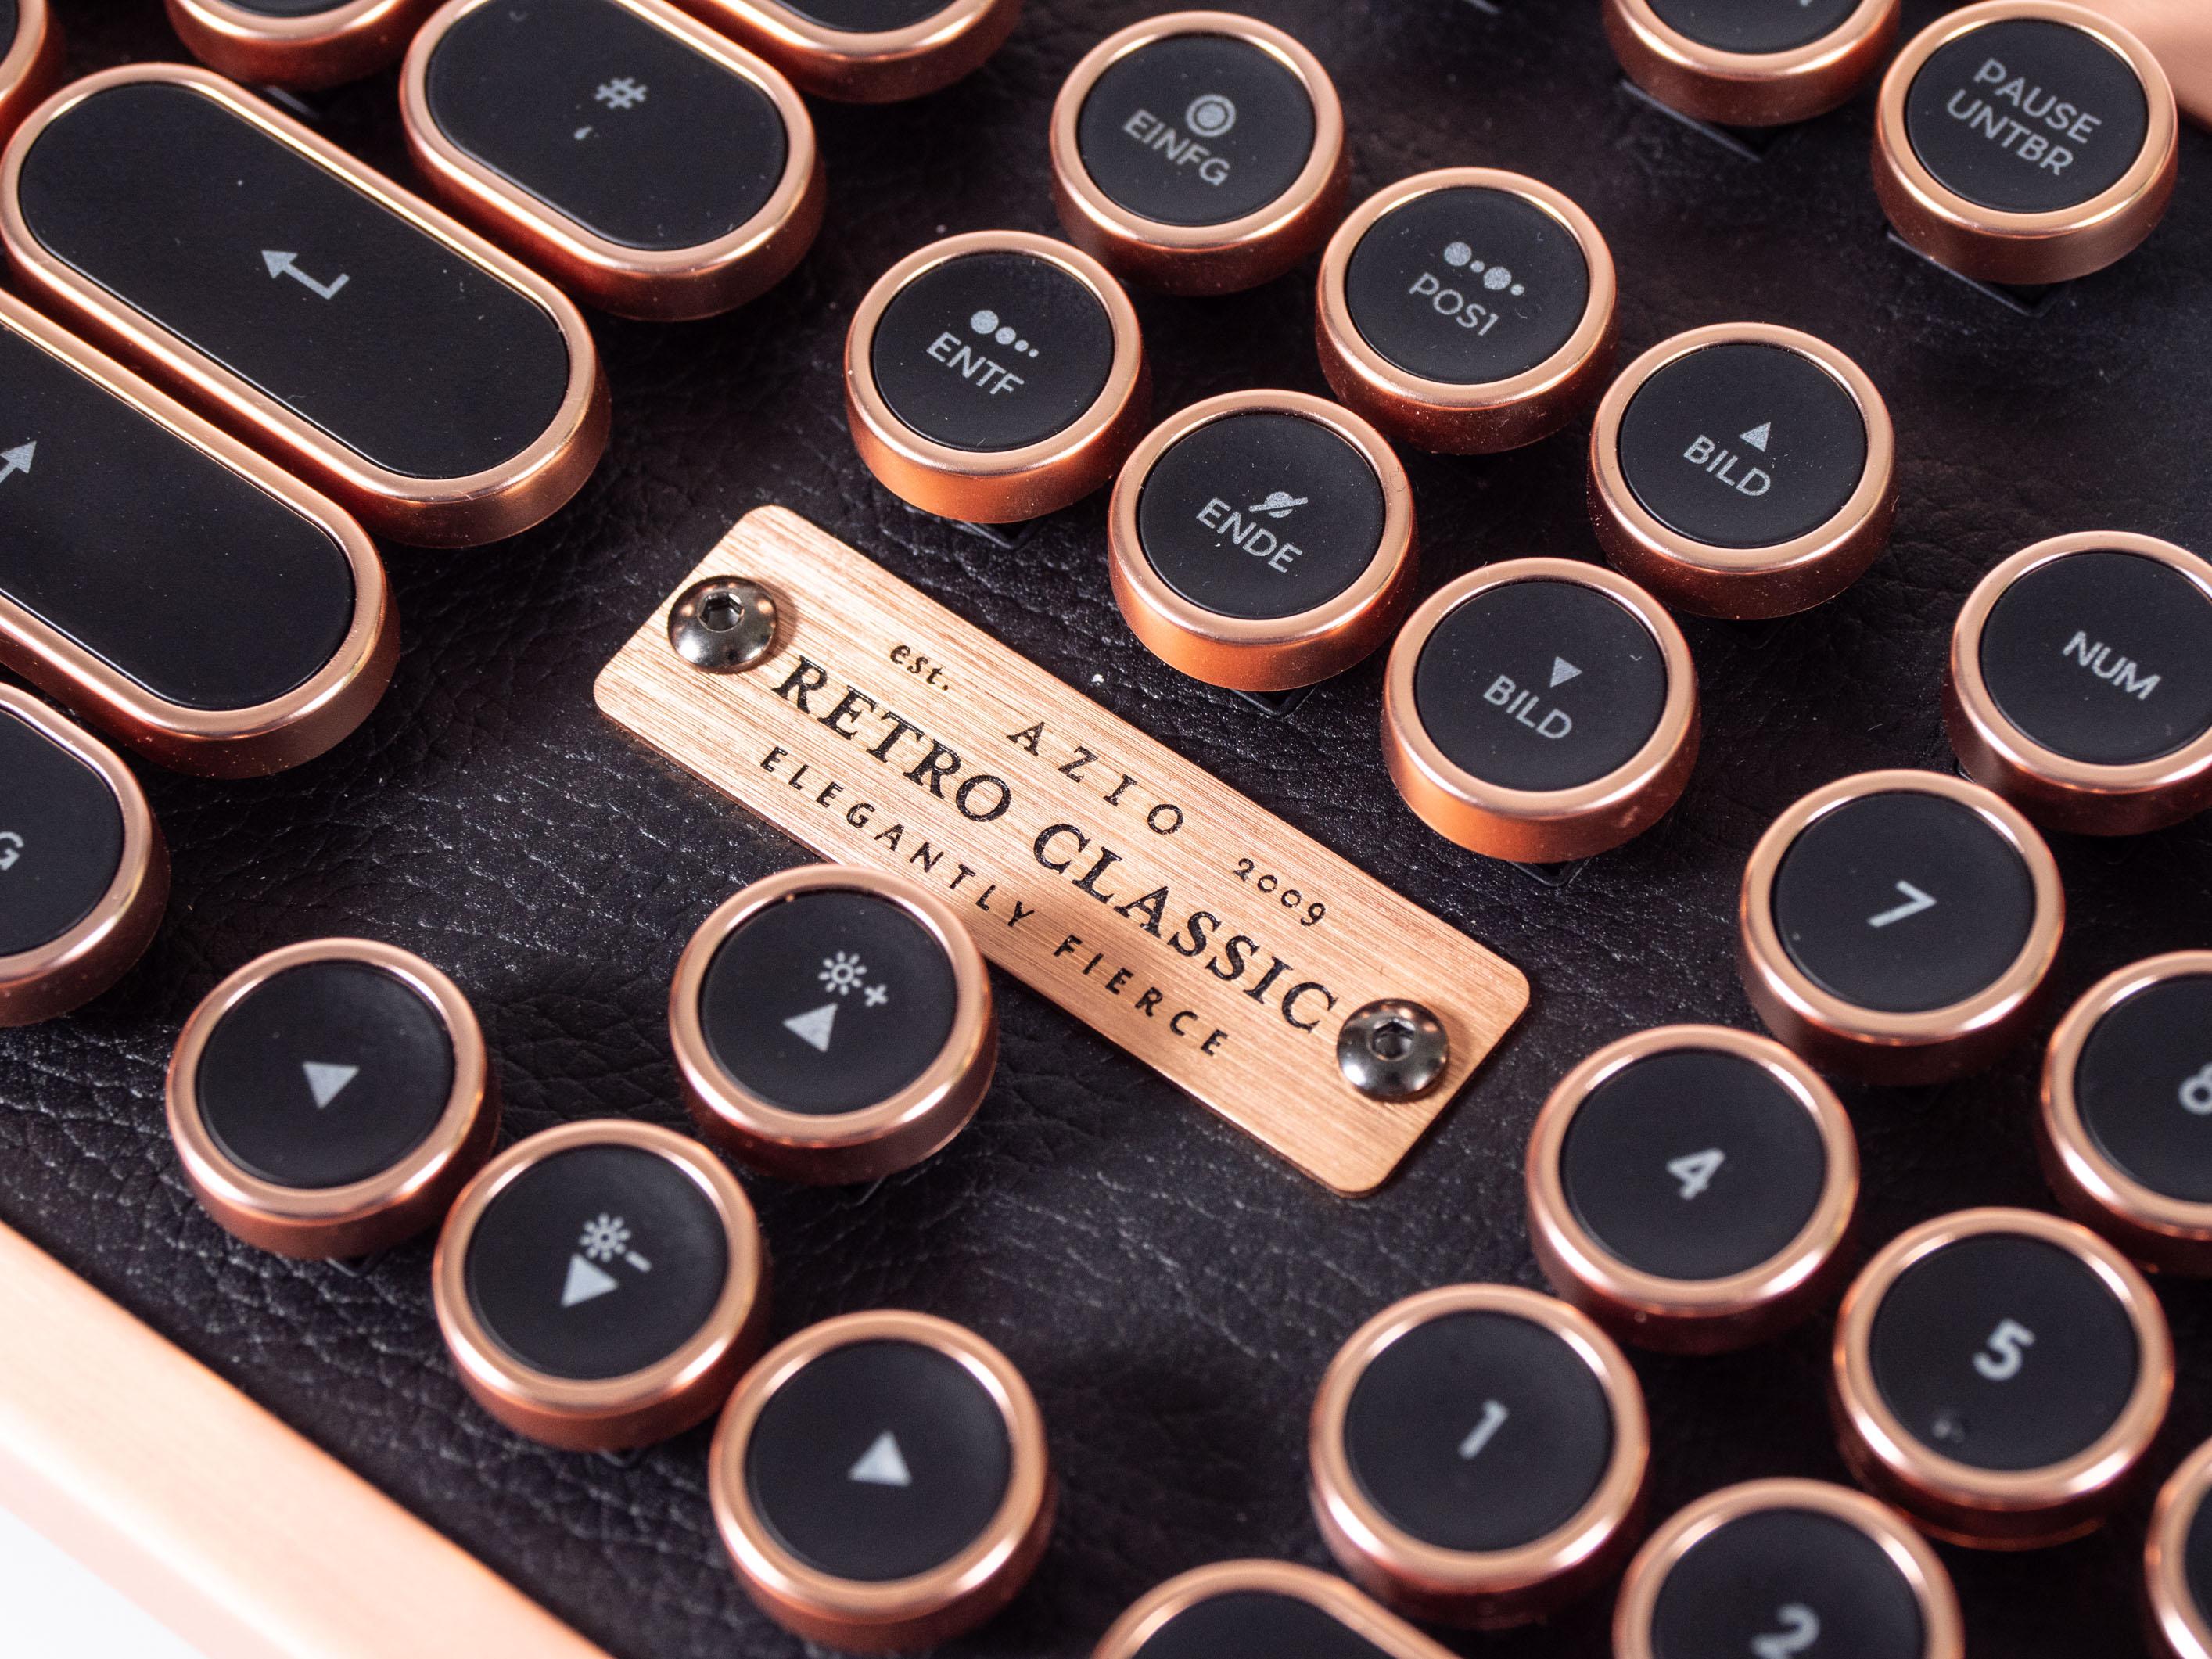 Azio Retro Classic im Test: Außergewöhnlicher Tastatur-Koloss aus Kupfer und Leder -